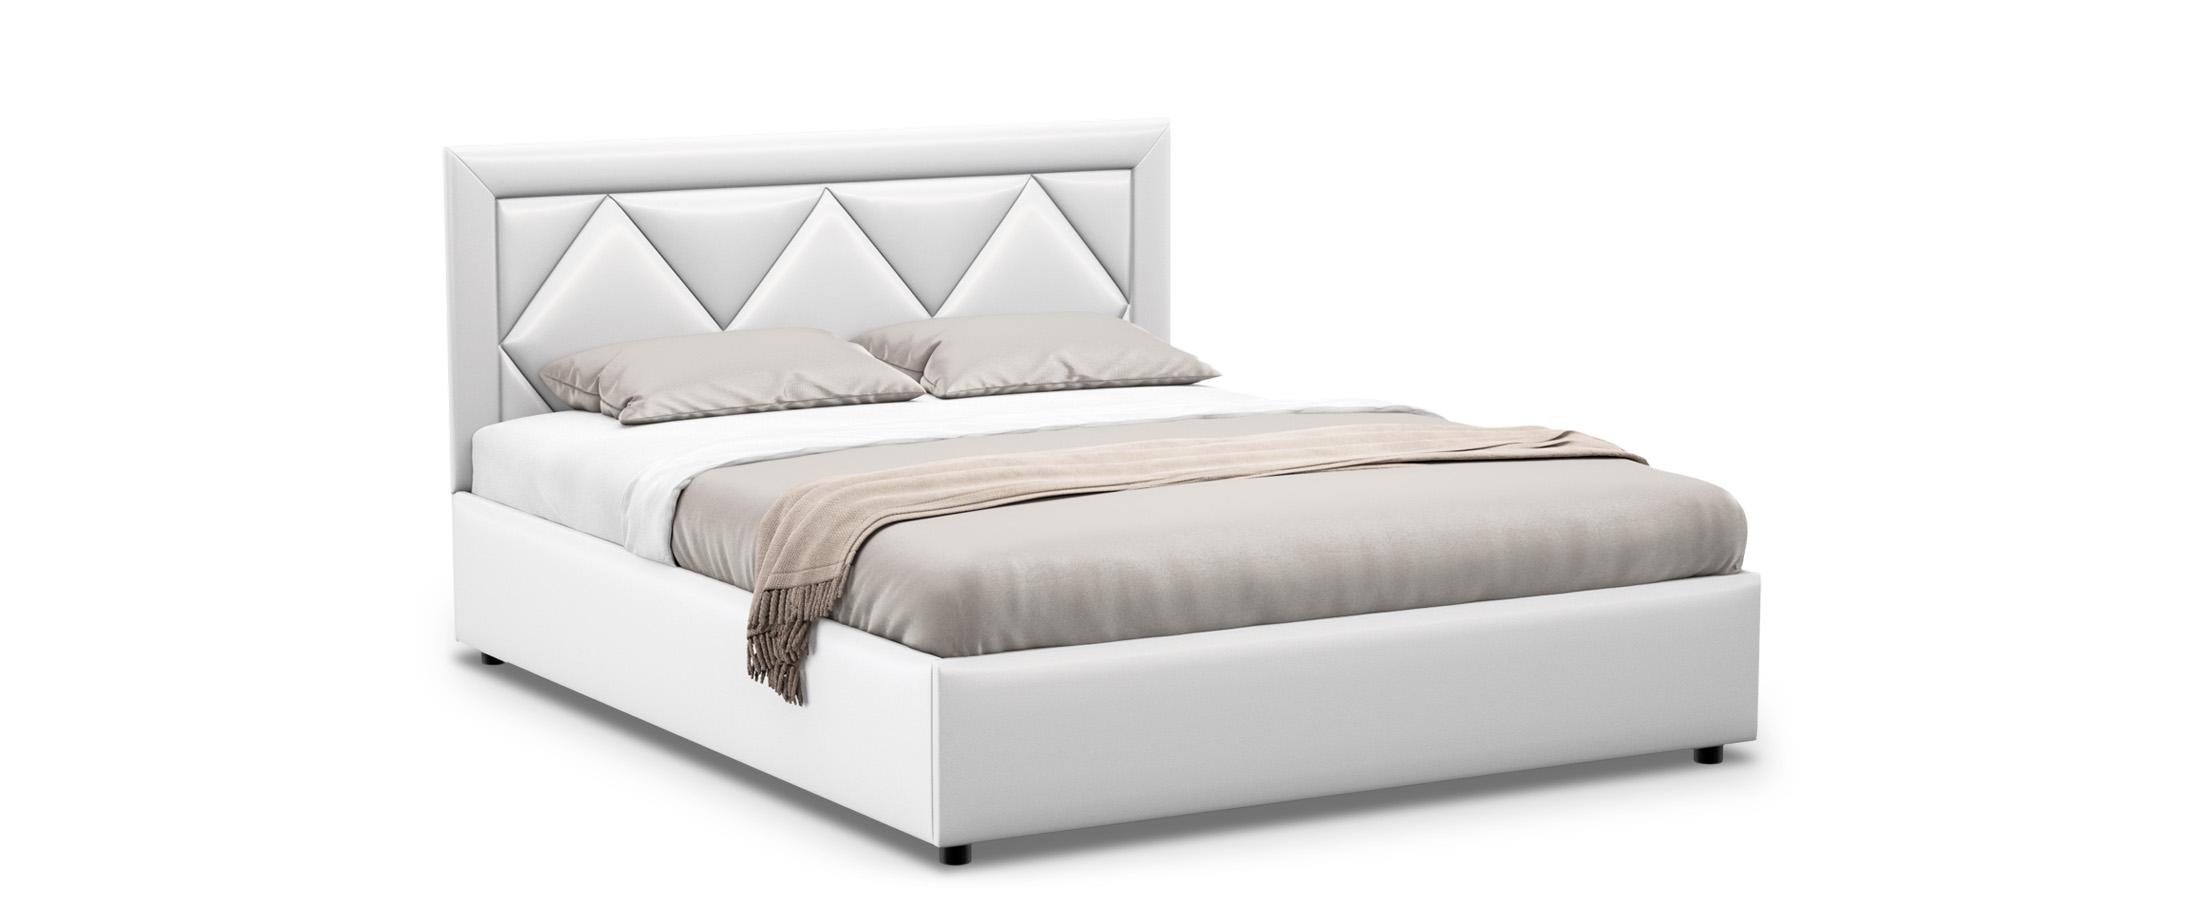 Кровать двуспальная Dominica New 160х200 Модель 1223 фото